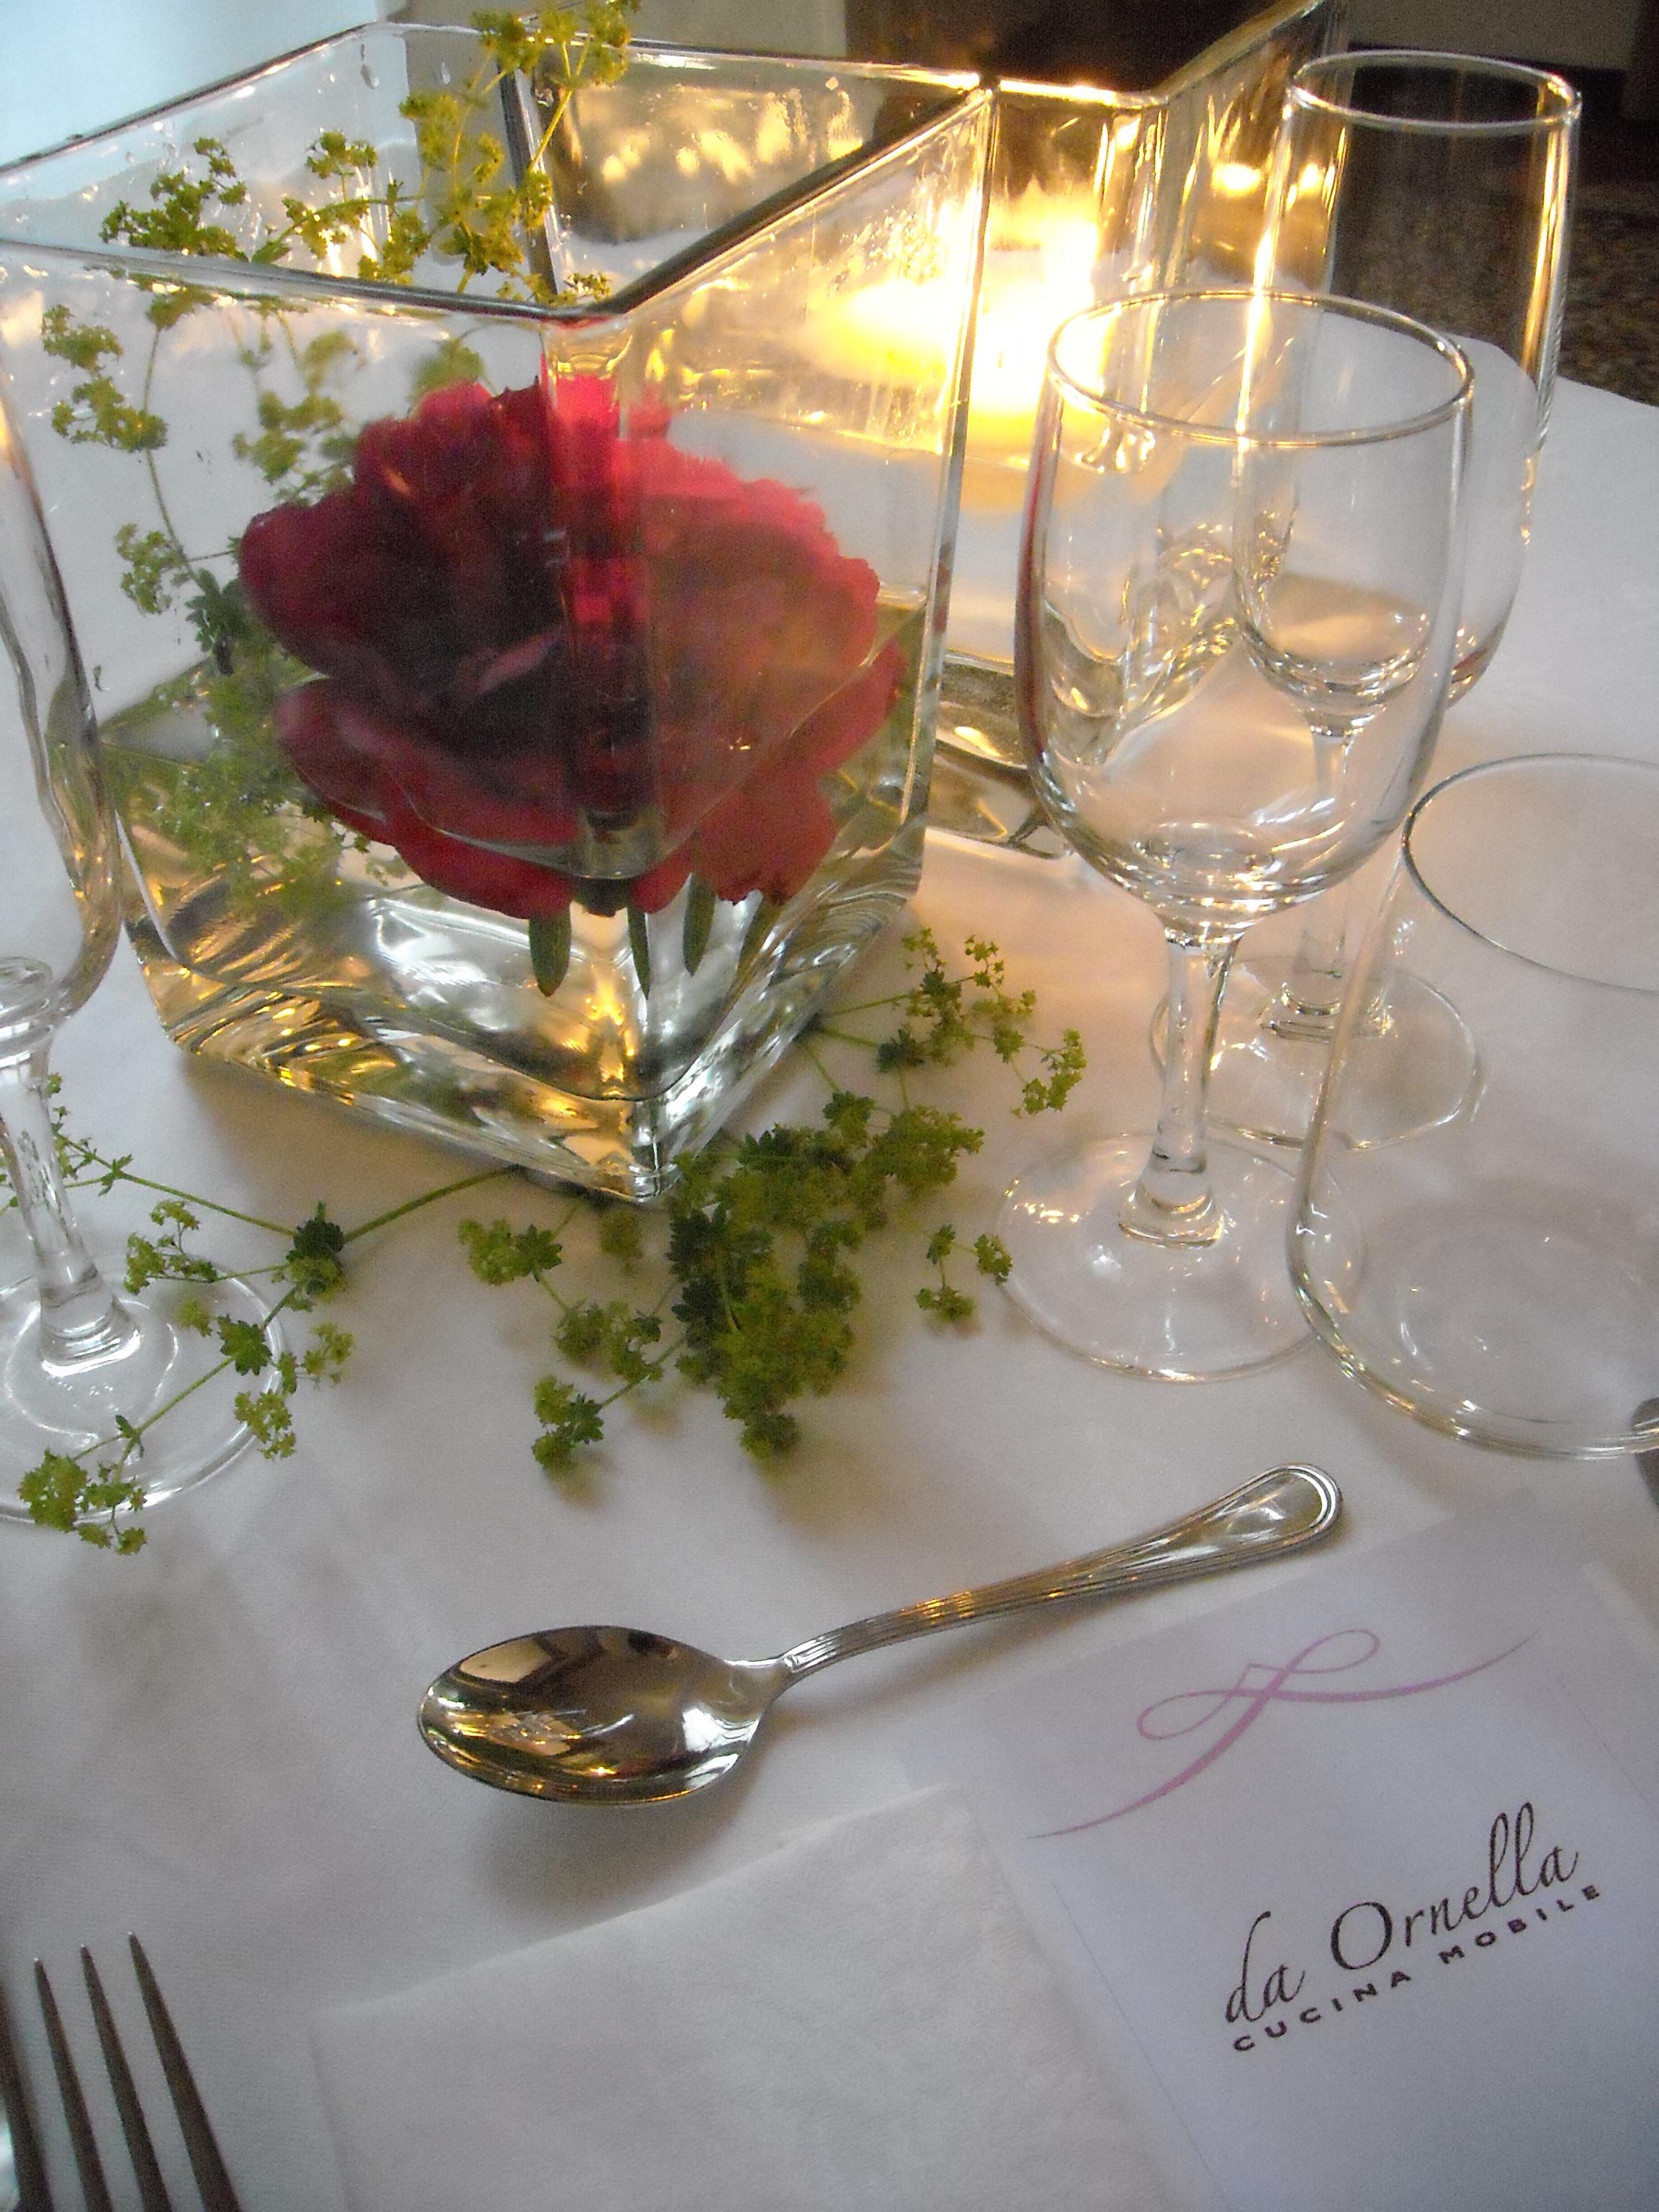 Da Ornella Cucina Mobile - Catering e Banqueting - Servizi per ...